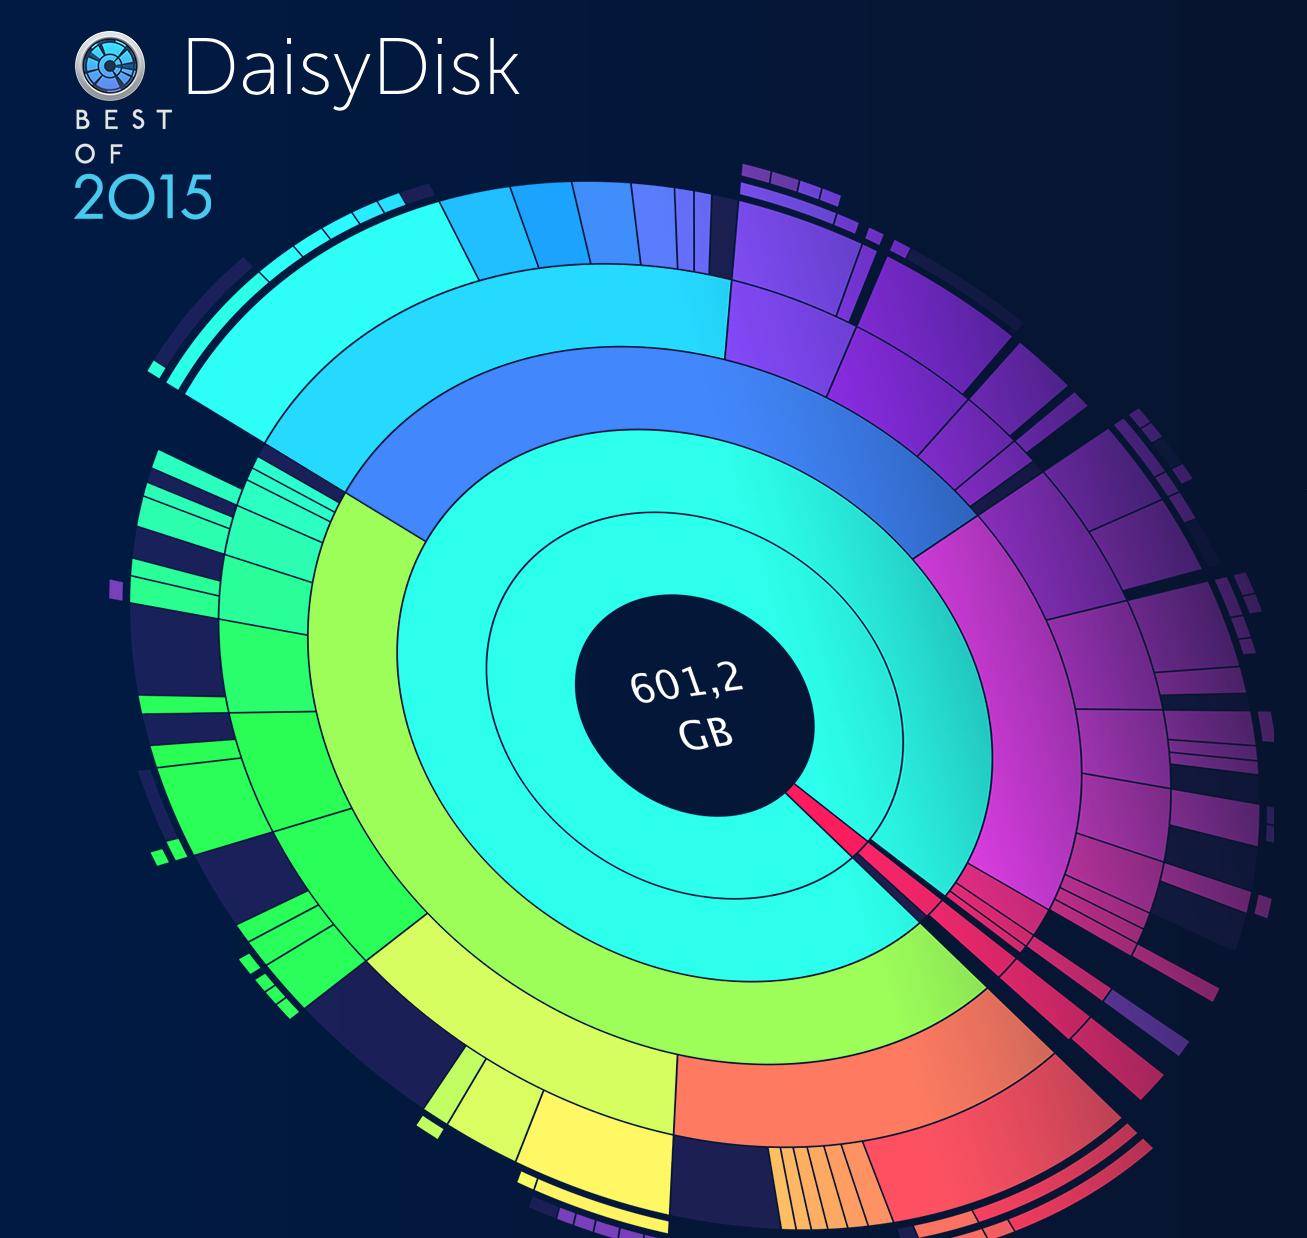 DaisyDisk-image-